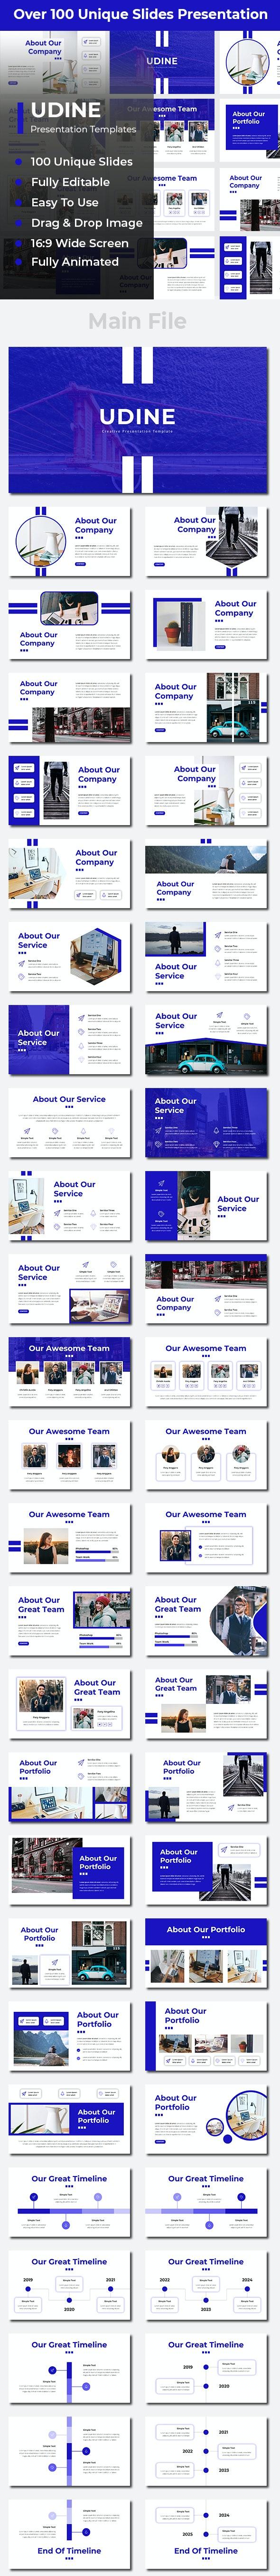 Udine Creative Google Slides - Google Slides Presentation Templates